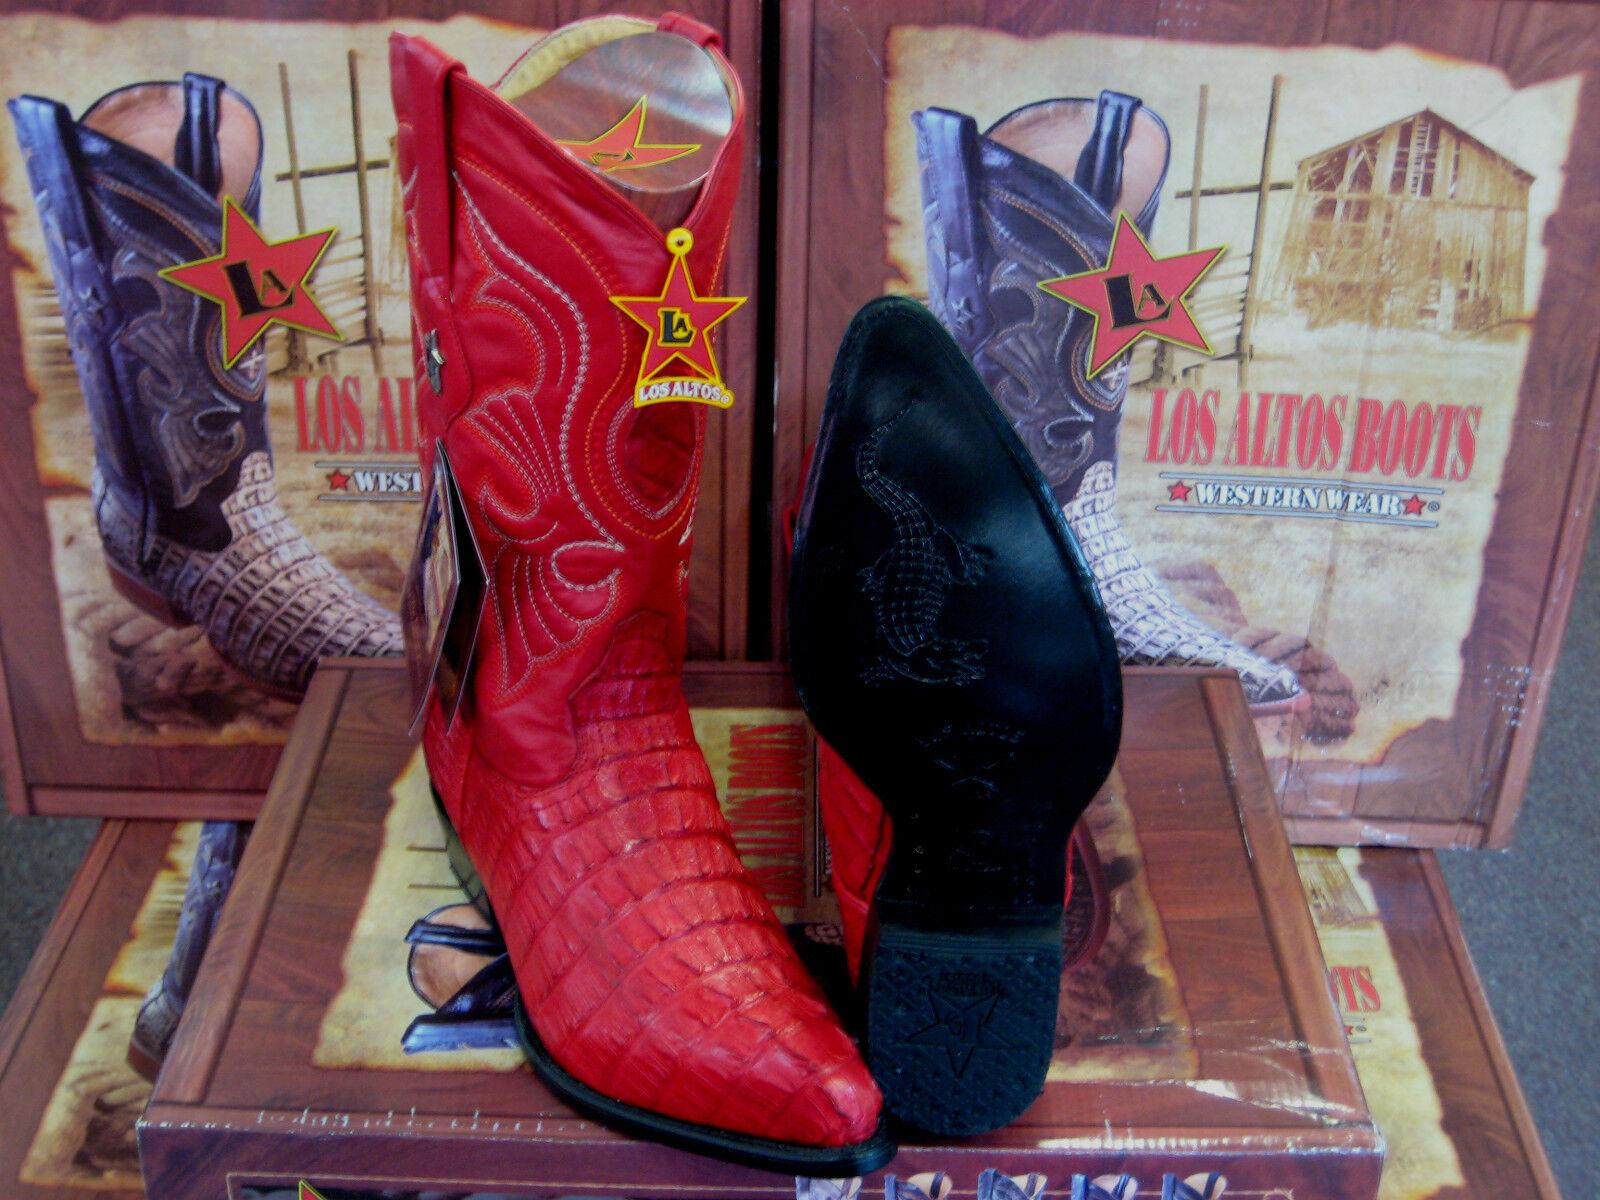 Los altos Mujeres Rojo Original Bota de vaquero occidental de cola de cocodrilo (M) L091121